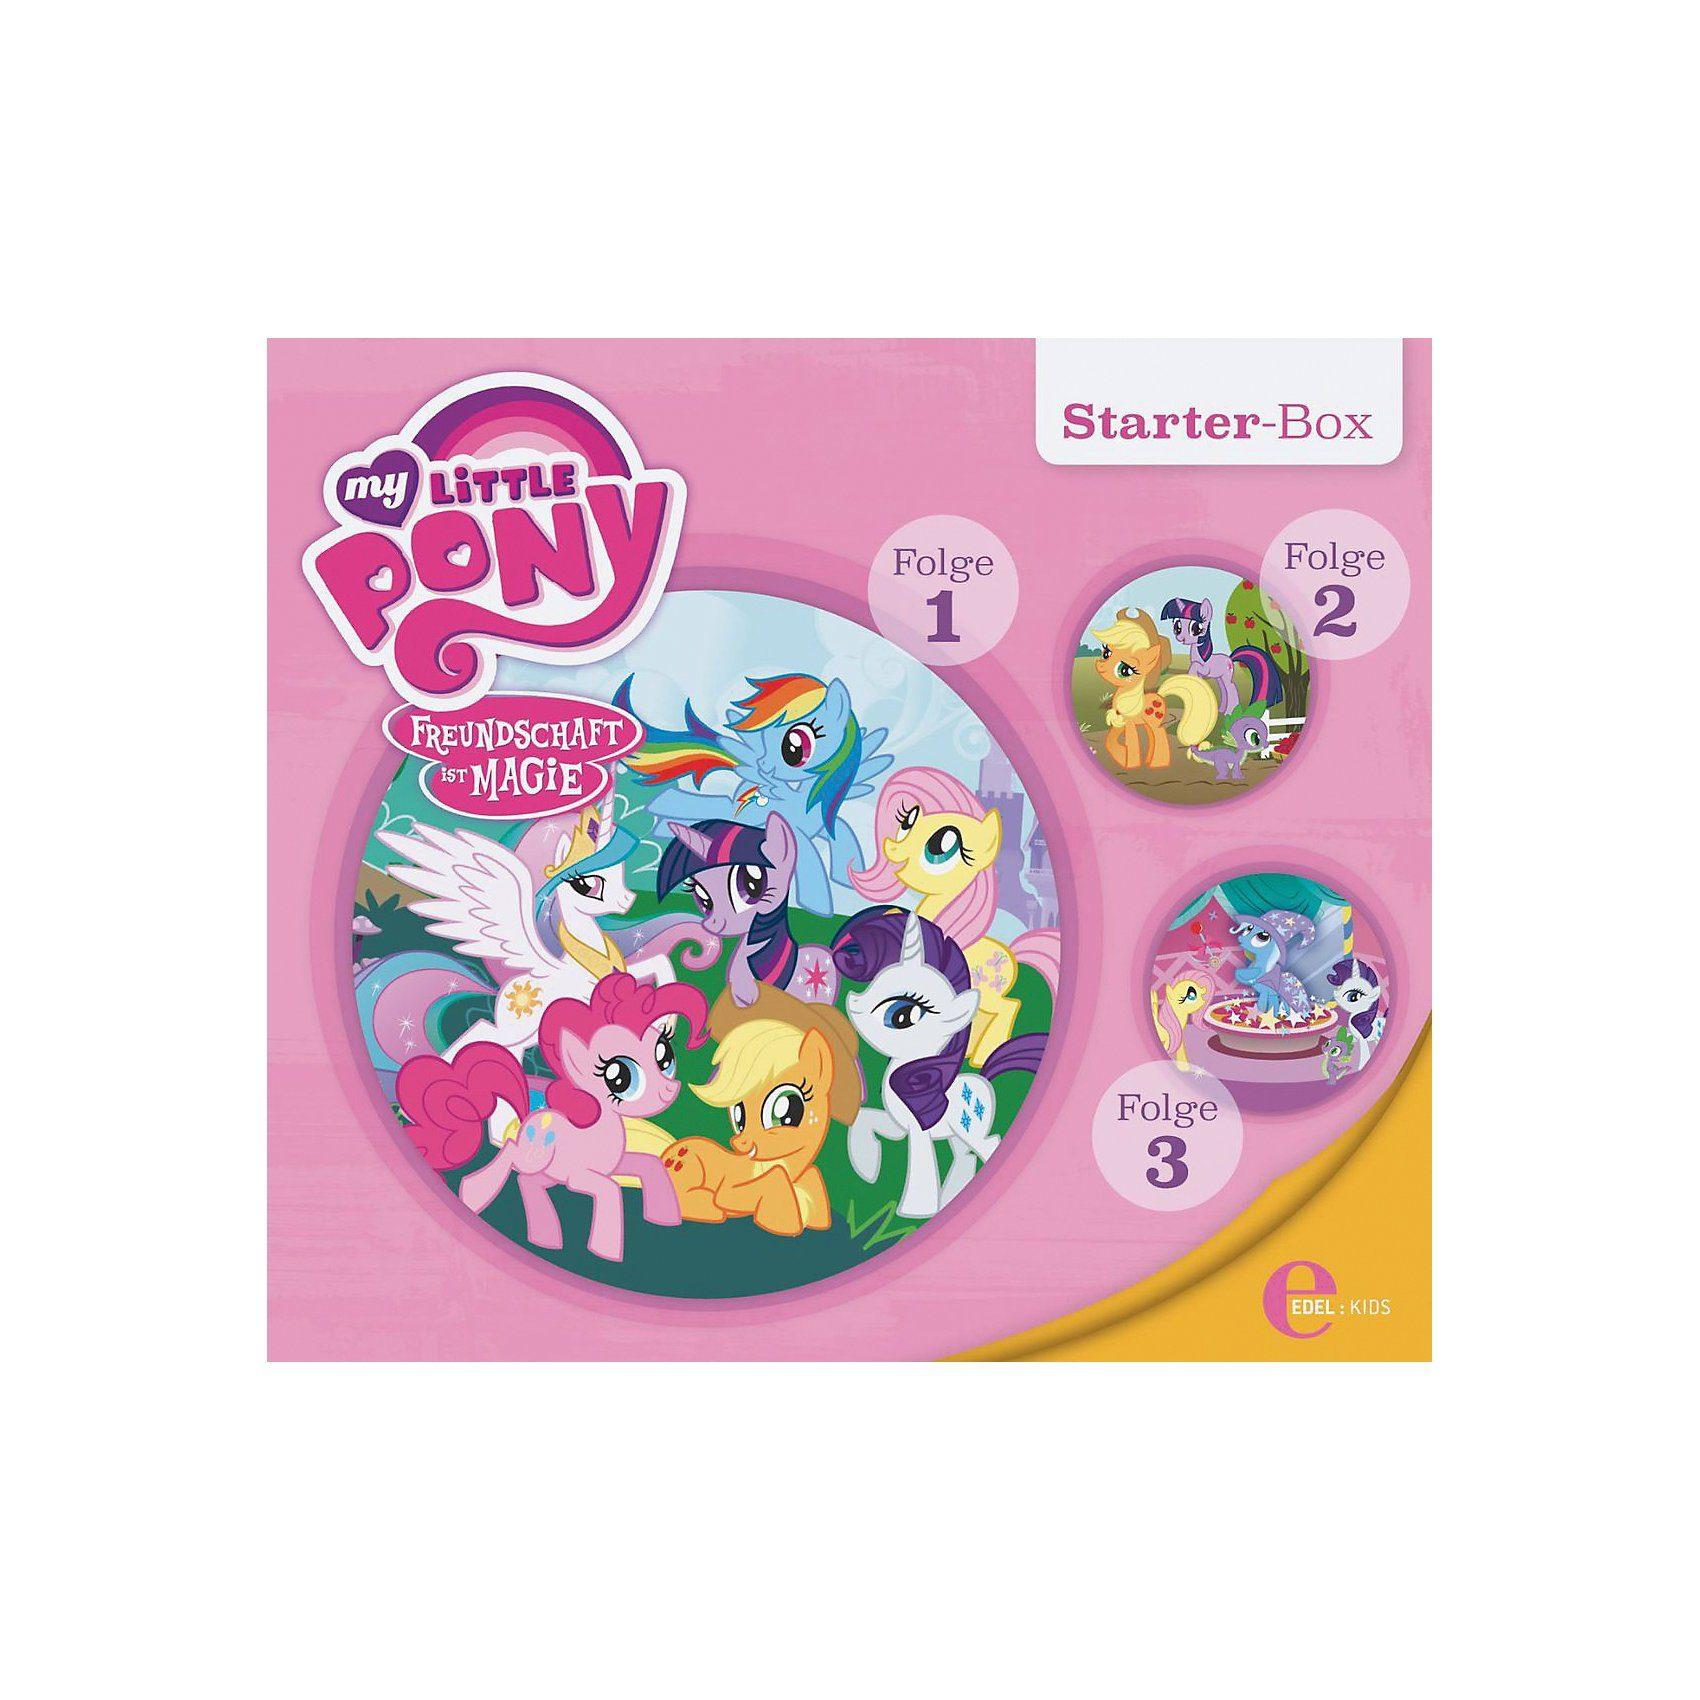 Edel CD My little Pony - Starter Box (Folgen 1,2,3)